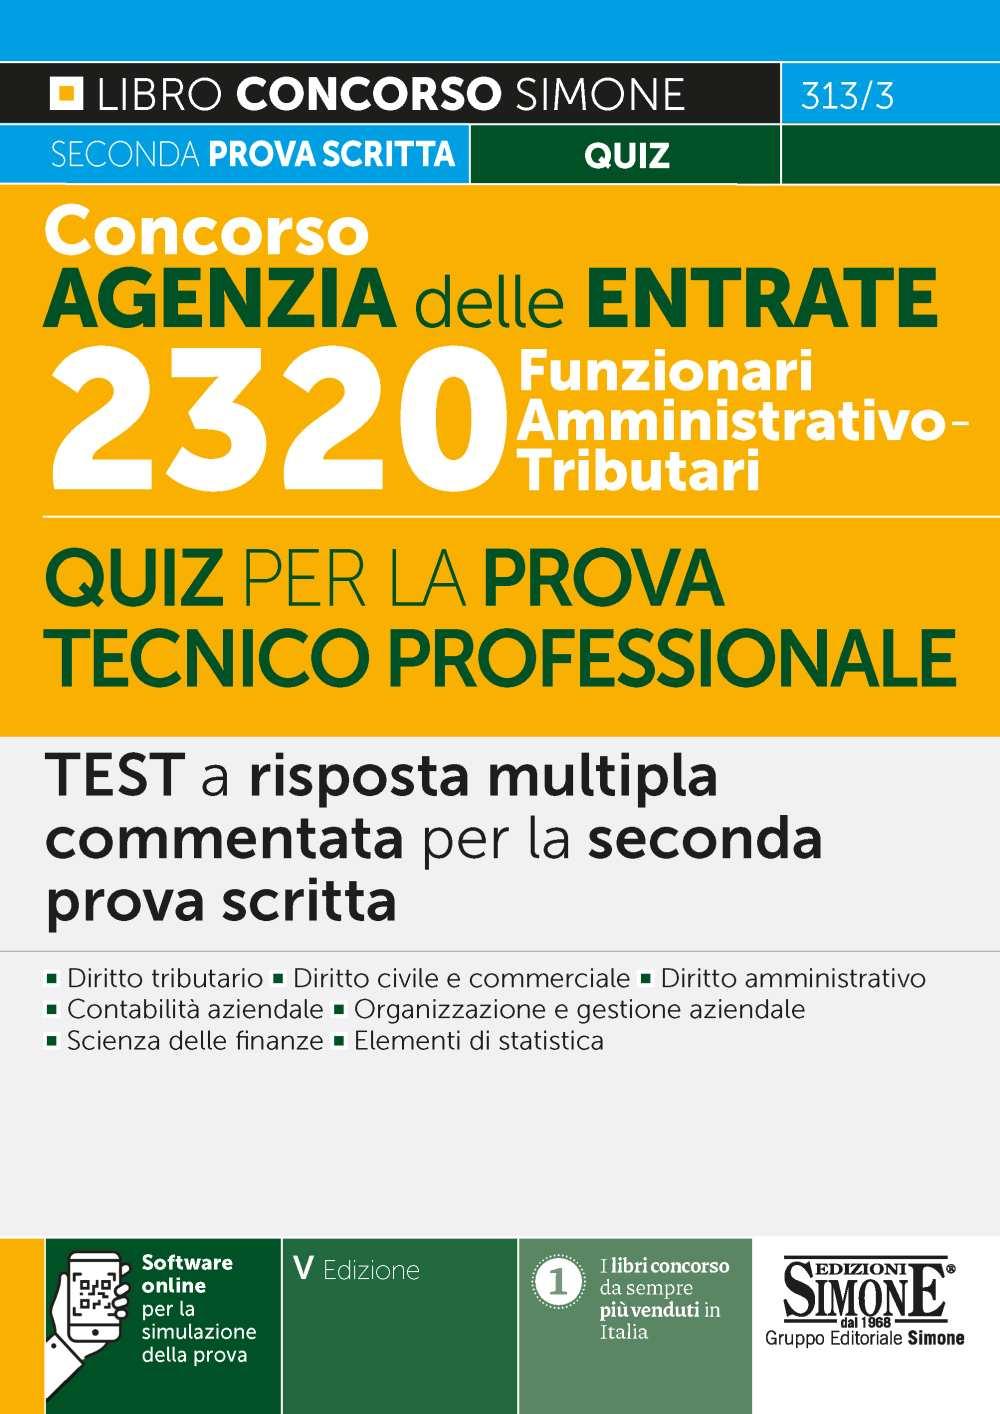 Concorso Agenzia delle Entrate per 2320 Funzionari